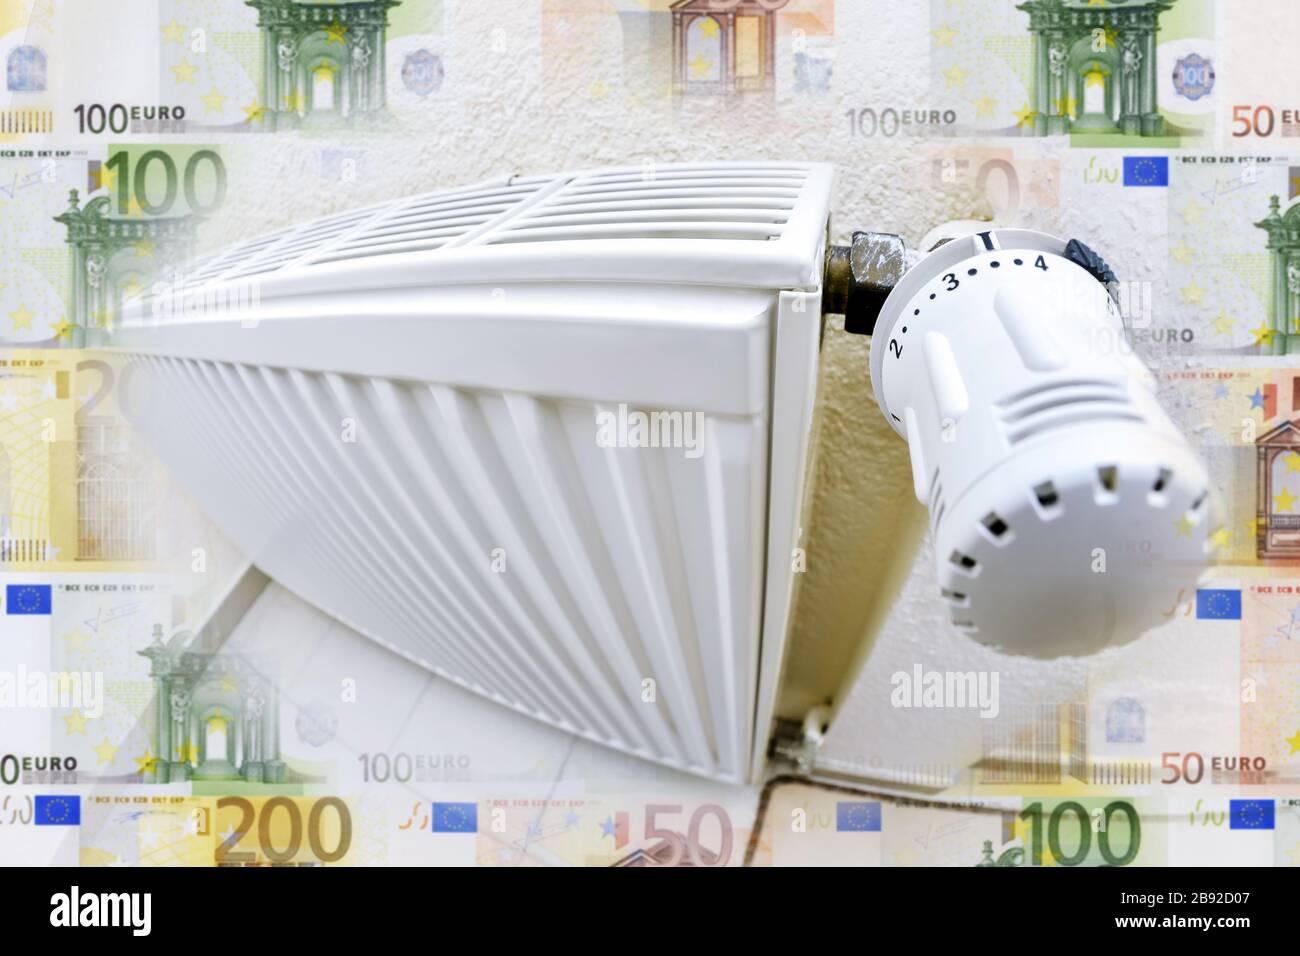 PHOTOMONTAGE, heating and bank notes, heating costs, FOTOMONTAGE, Heizung und Geldscheine, Heizkosten Stock Photo